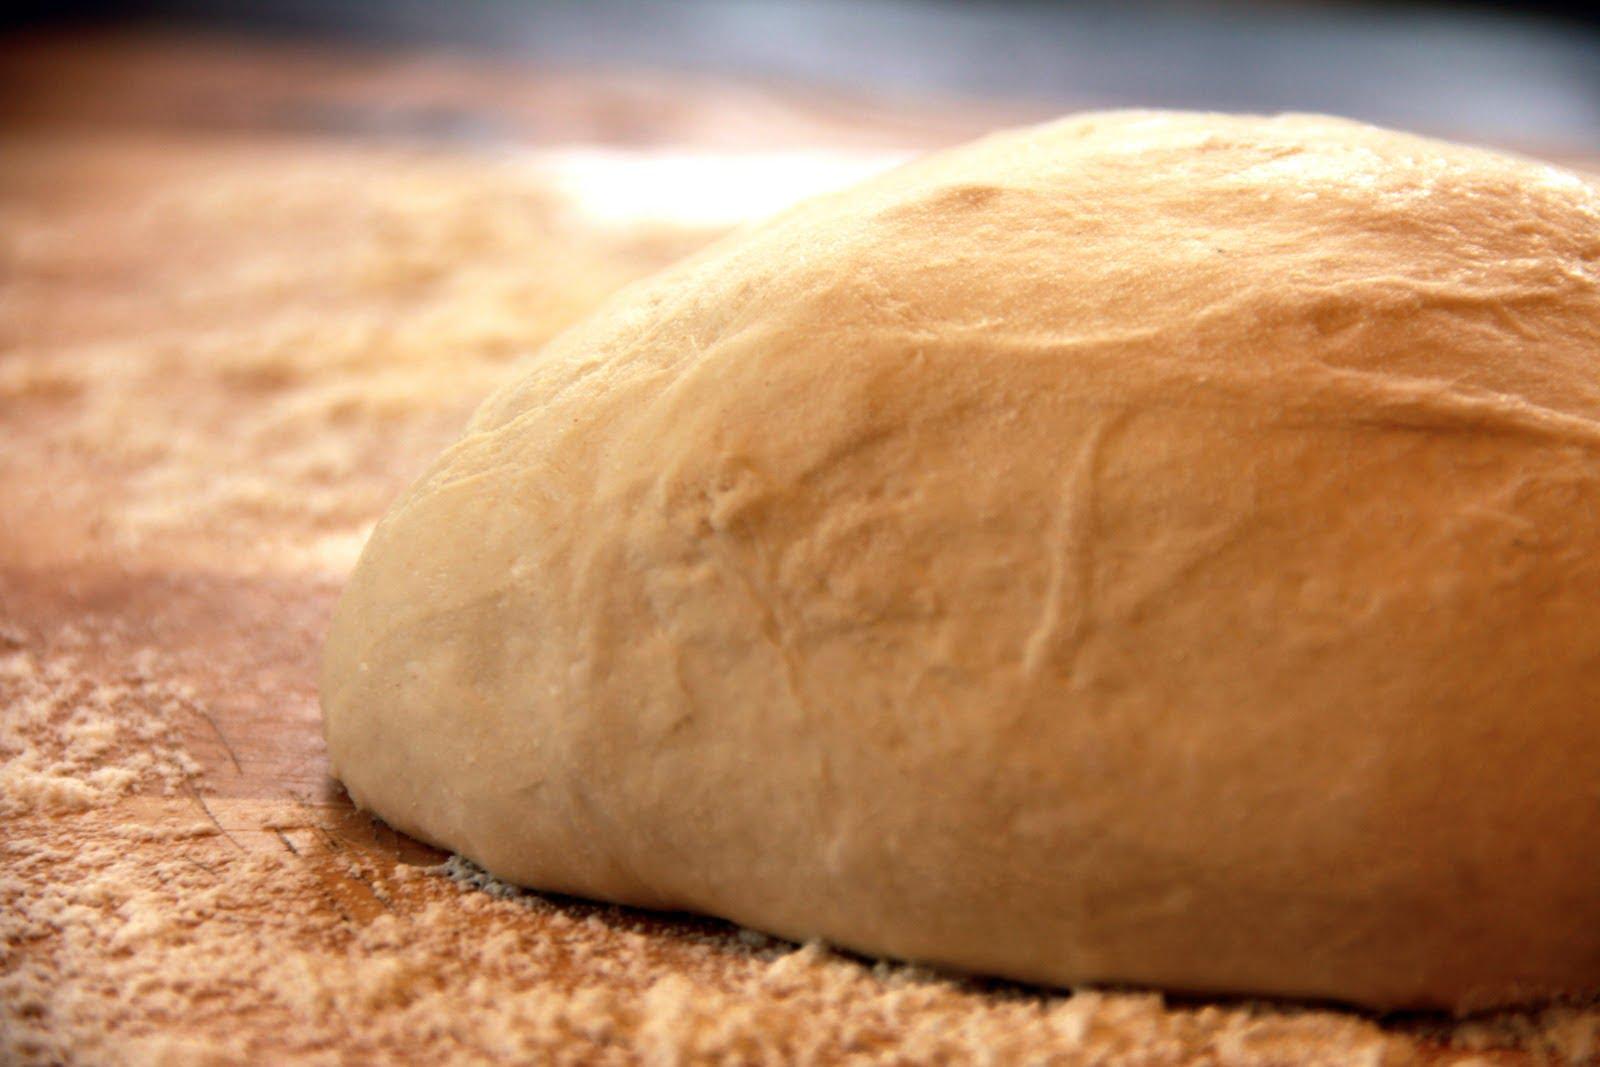 Retete - Cele mai bune retete pentru aluatul de pizza, Foto: kidsarelovely.com